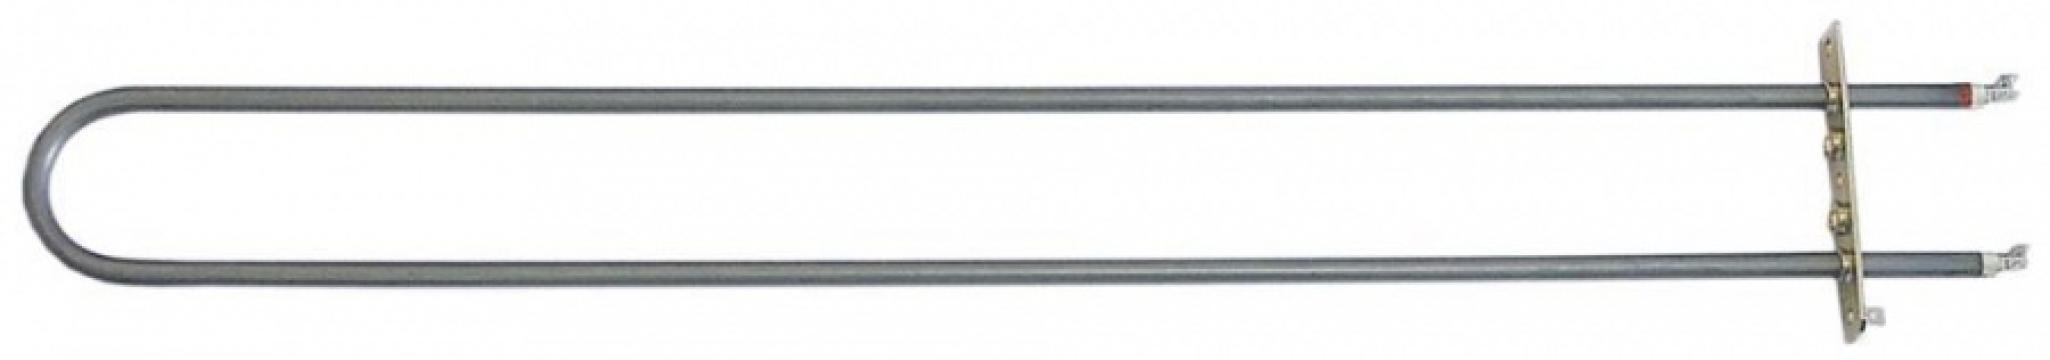 Rezistenta 1000 W, 230 V 416808